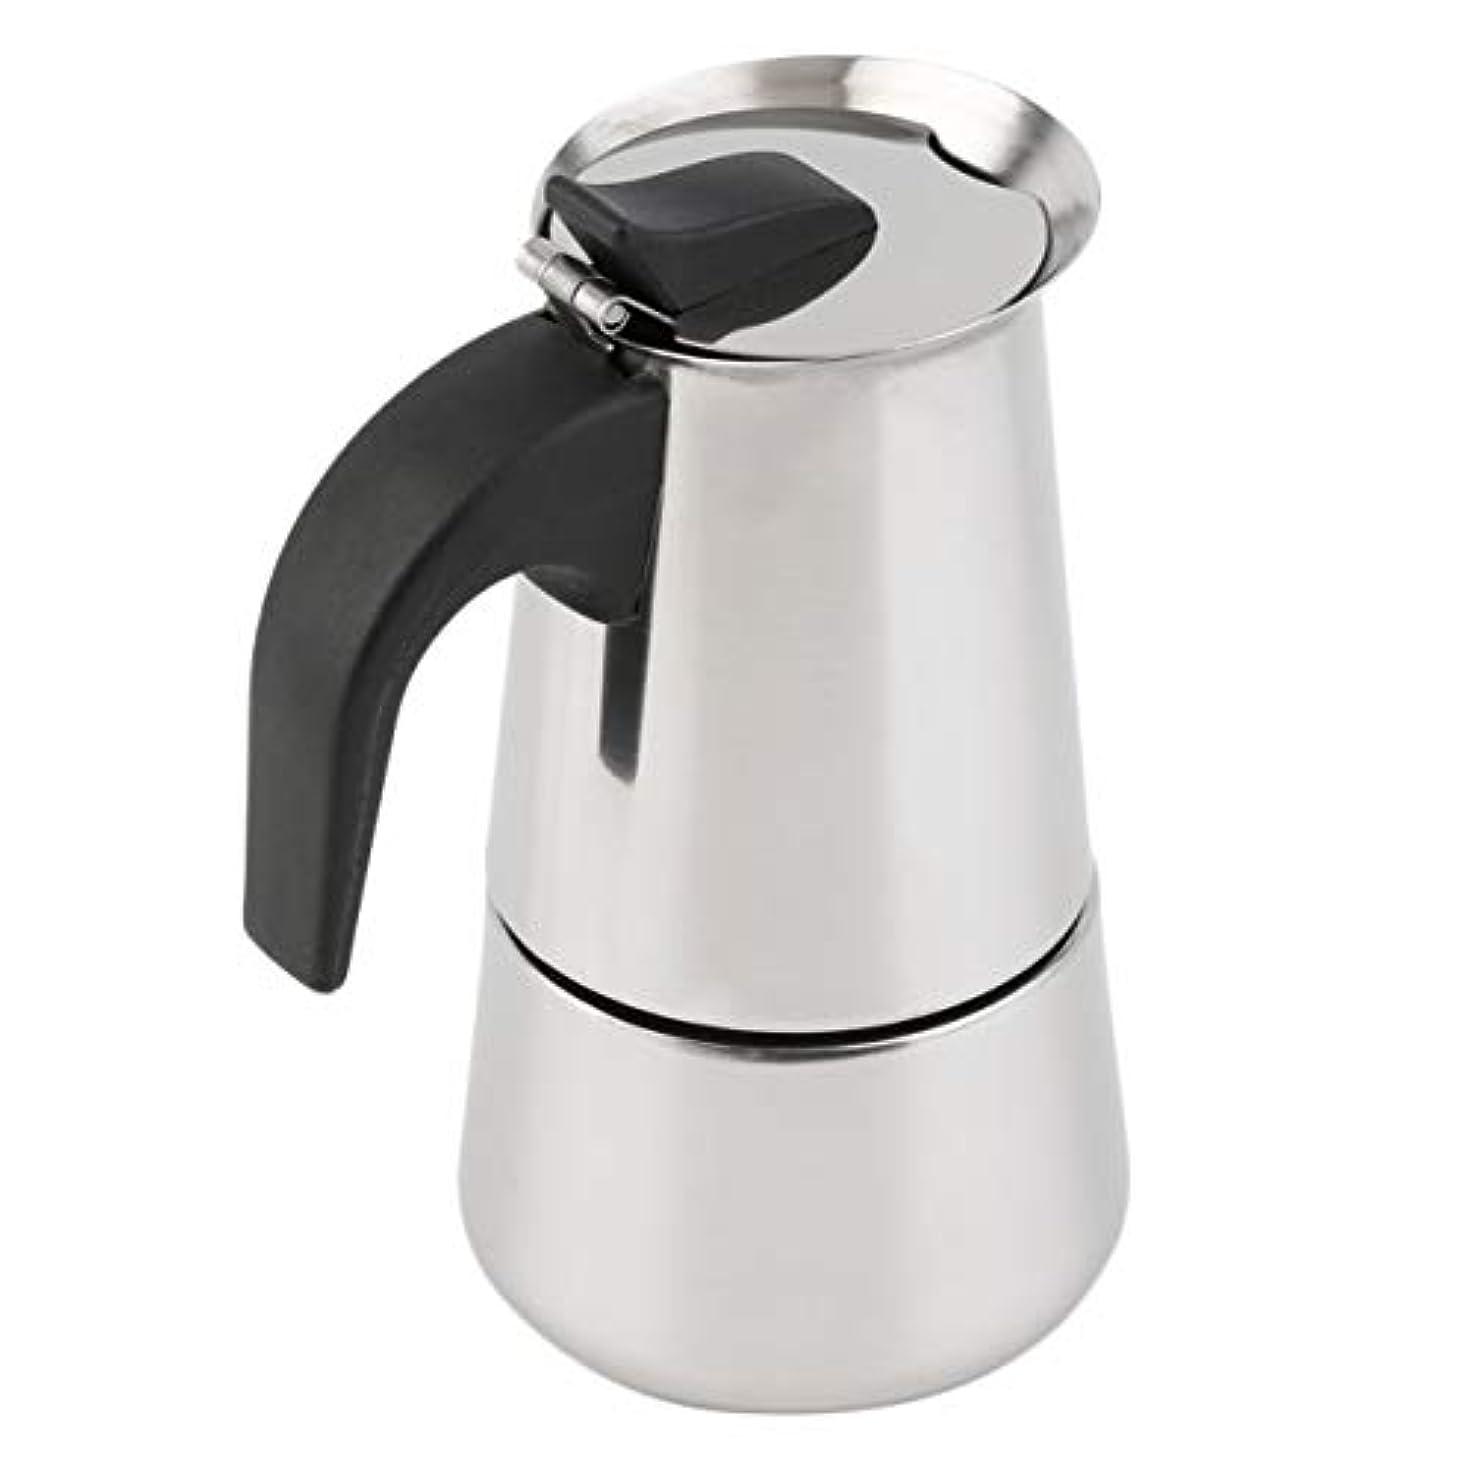 ボランティア売上高ブラジャーSaikogoods 2/4/6カップパーコレーターストーブトップのコーヒーメーカーモカエスプレッソラテステンレスポットホット販売 銀 6カップ